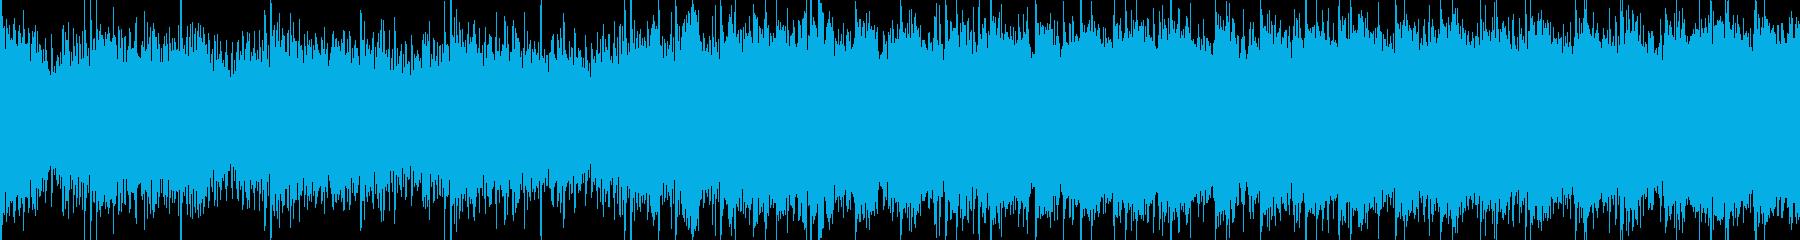 明るく前向きなオーケストラエピックループの再生済みの波形